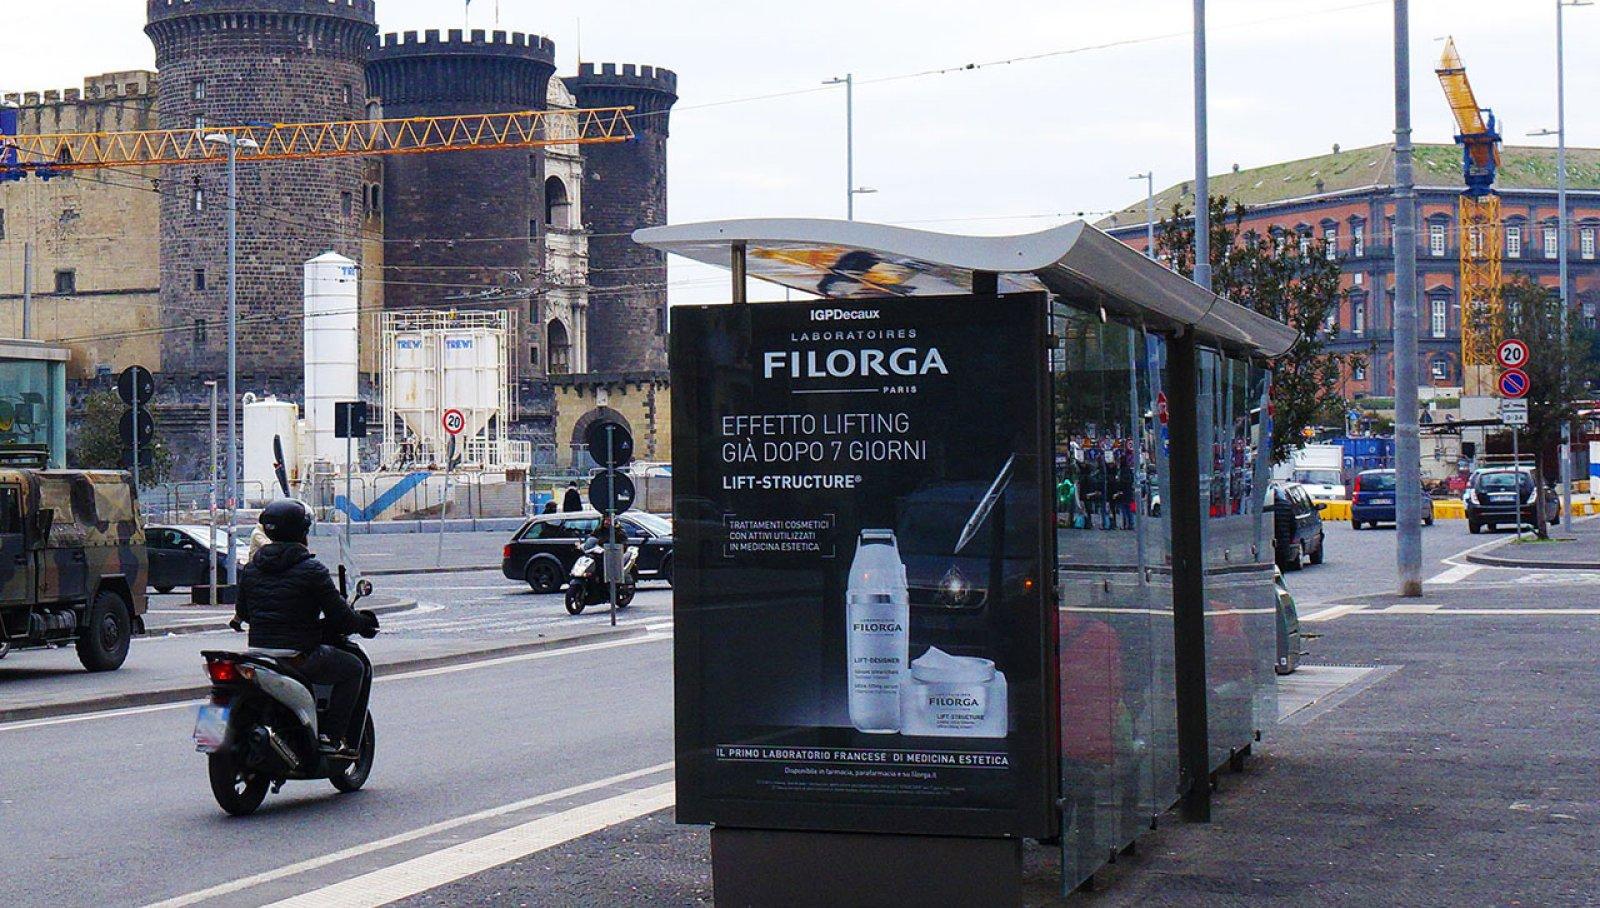 Pubblicità sulle pensiline a Napoli IGPDecaux pensiline digitali per Filorga